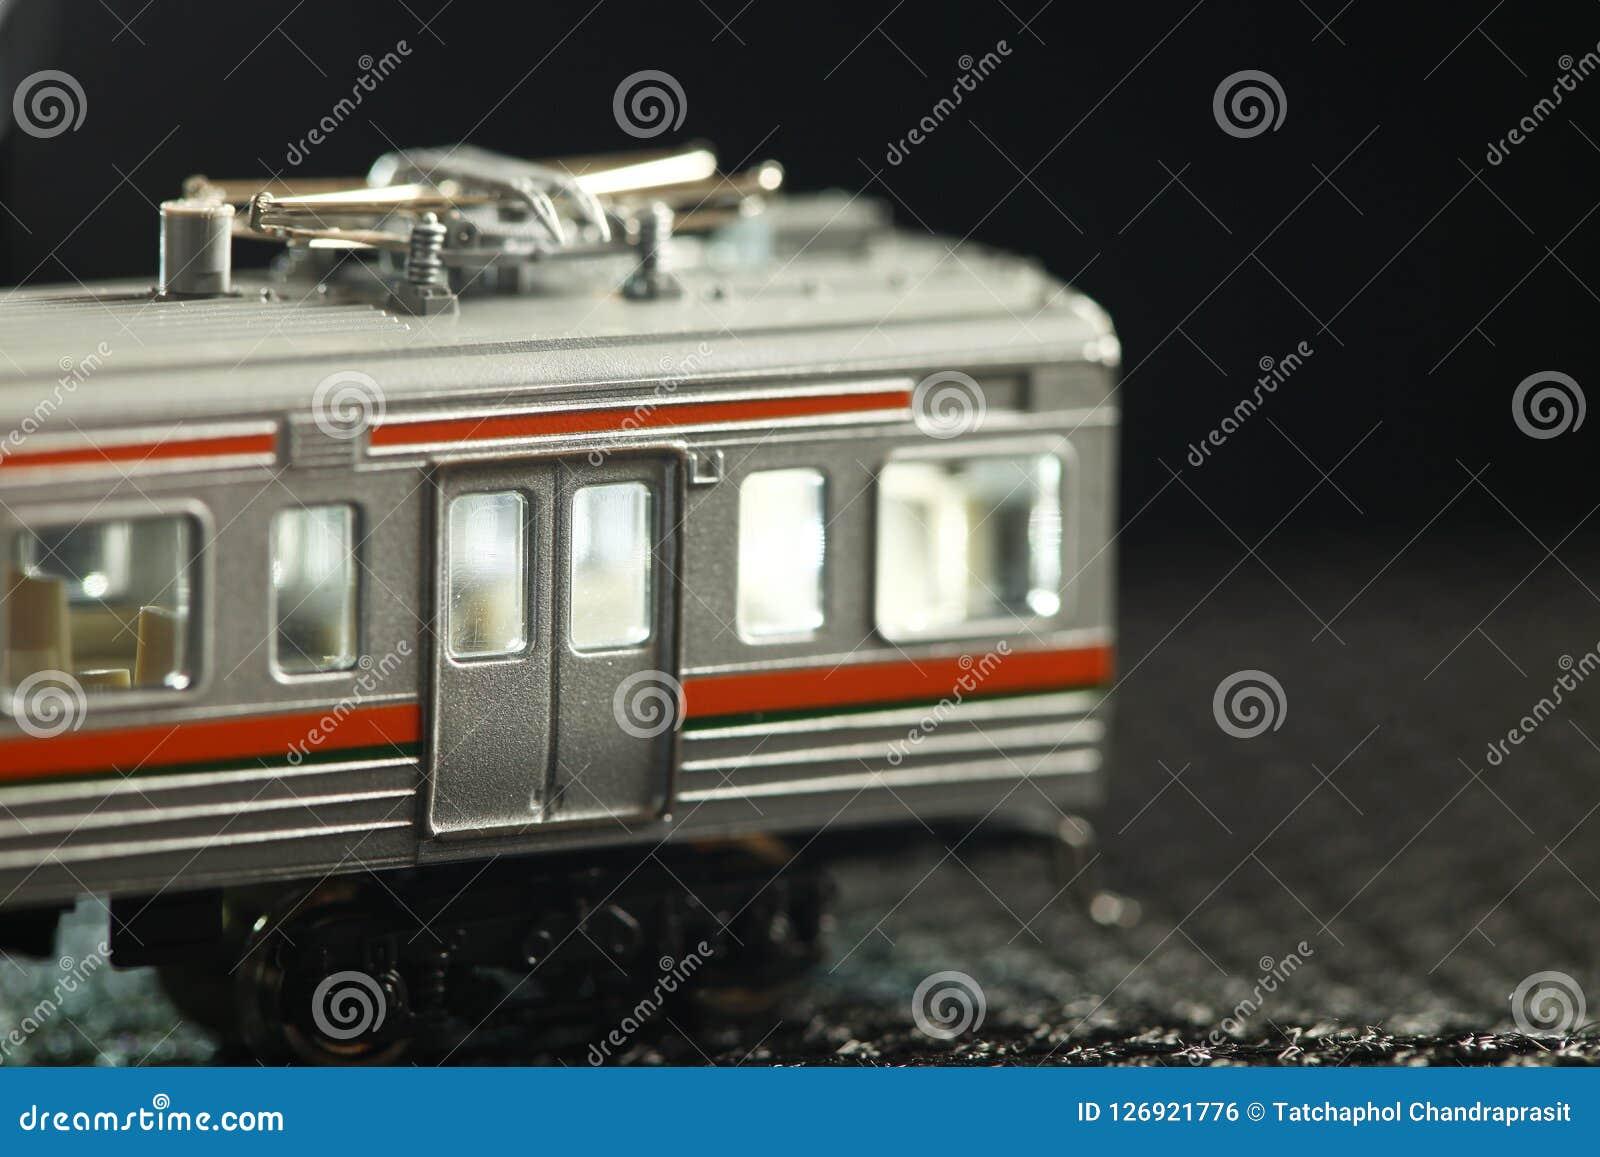 Miniature railroad model scene.